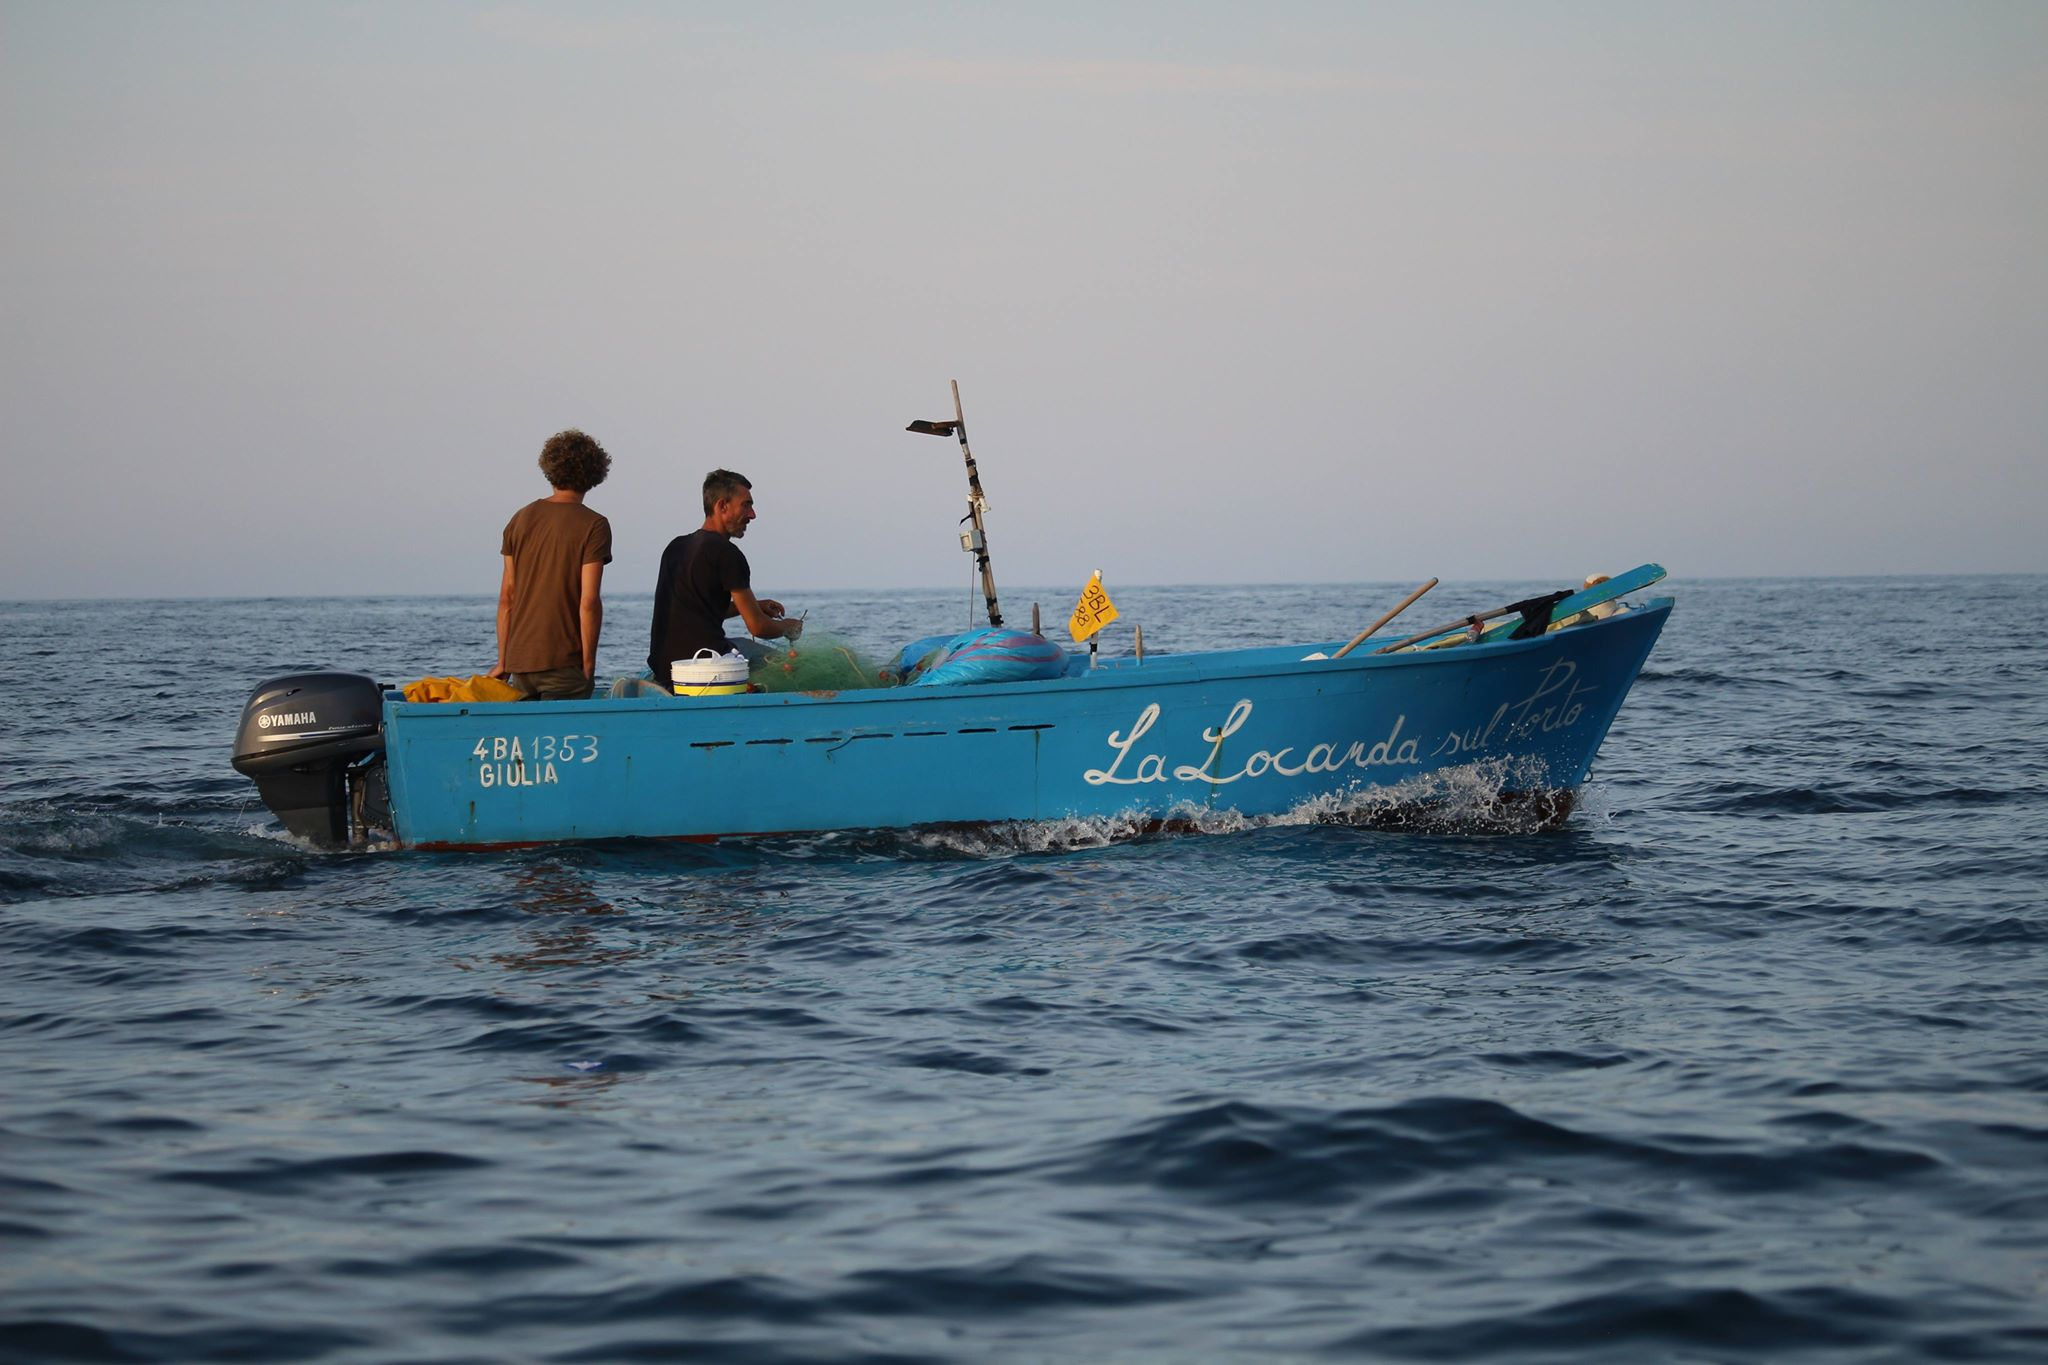 pescato giornaliero ristorante monopoli